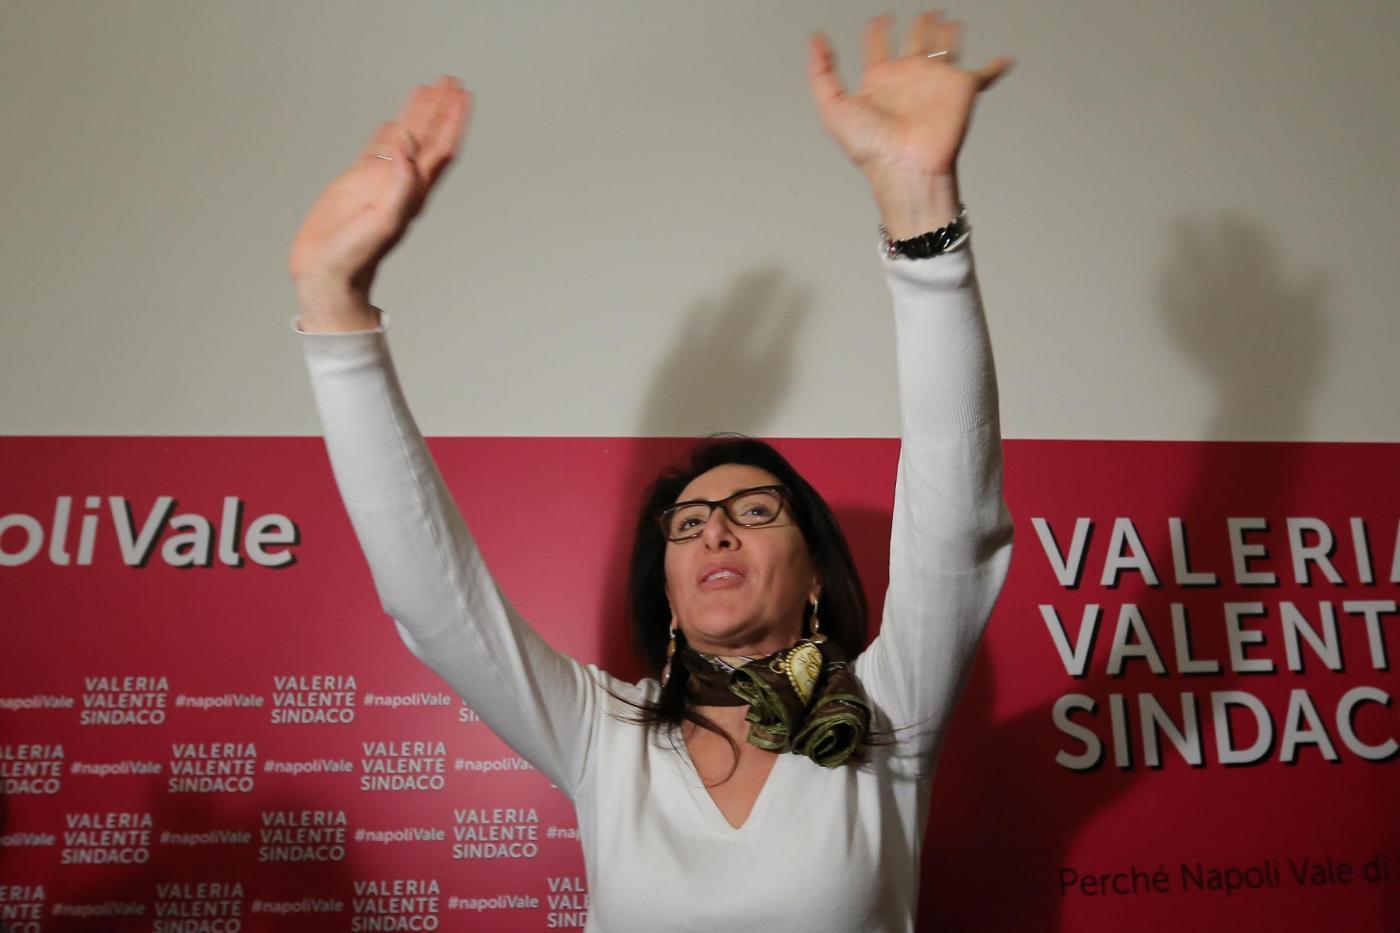 Primarie PD Napoli 2016: Valeria Valente è la candidata sindaco del centrosinistra